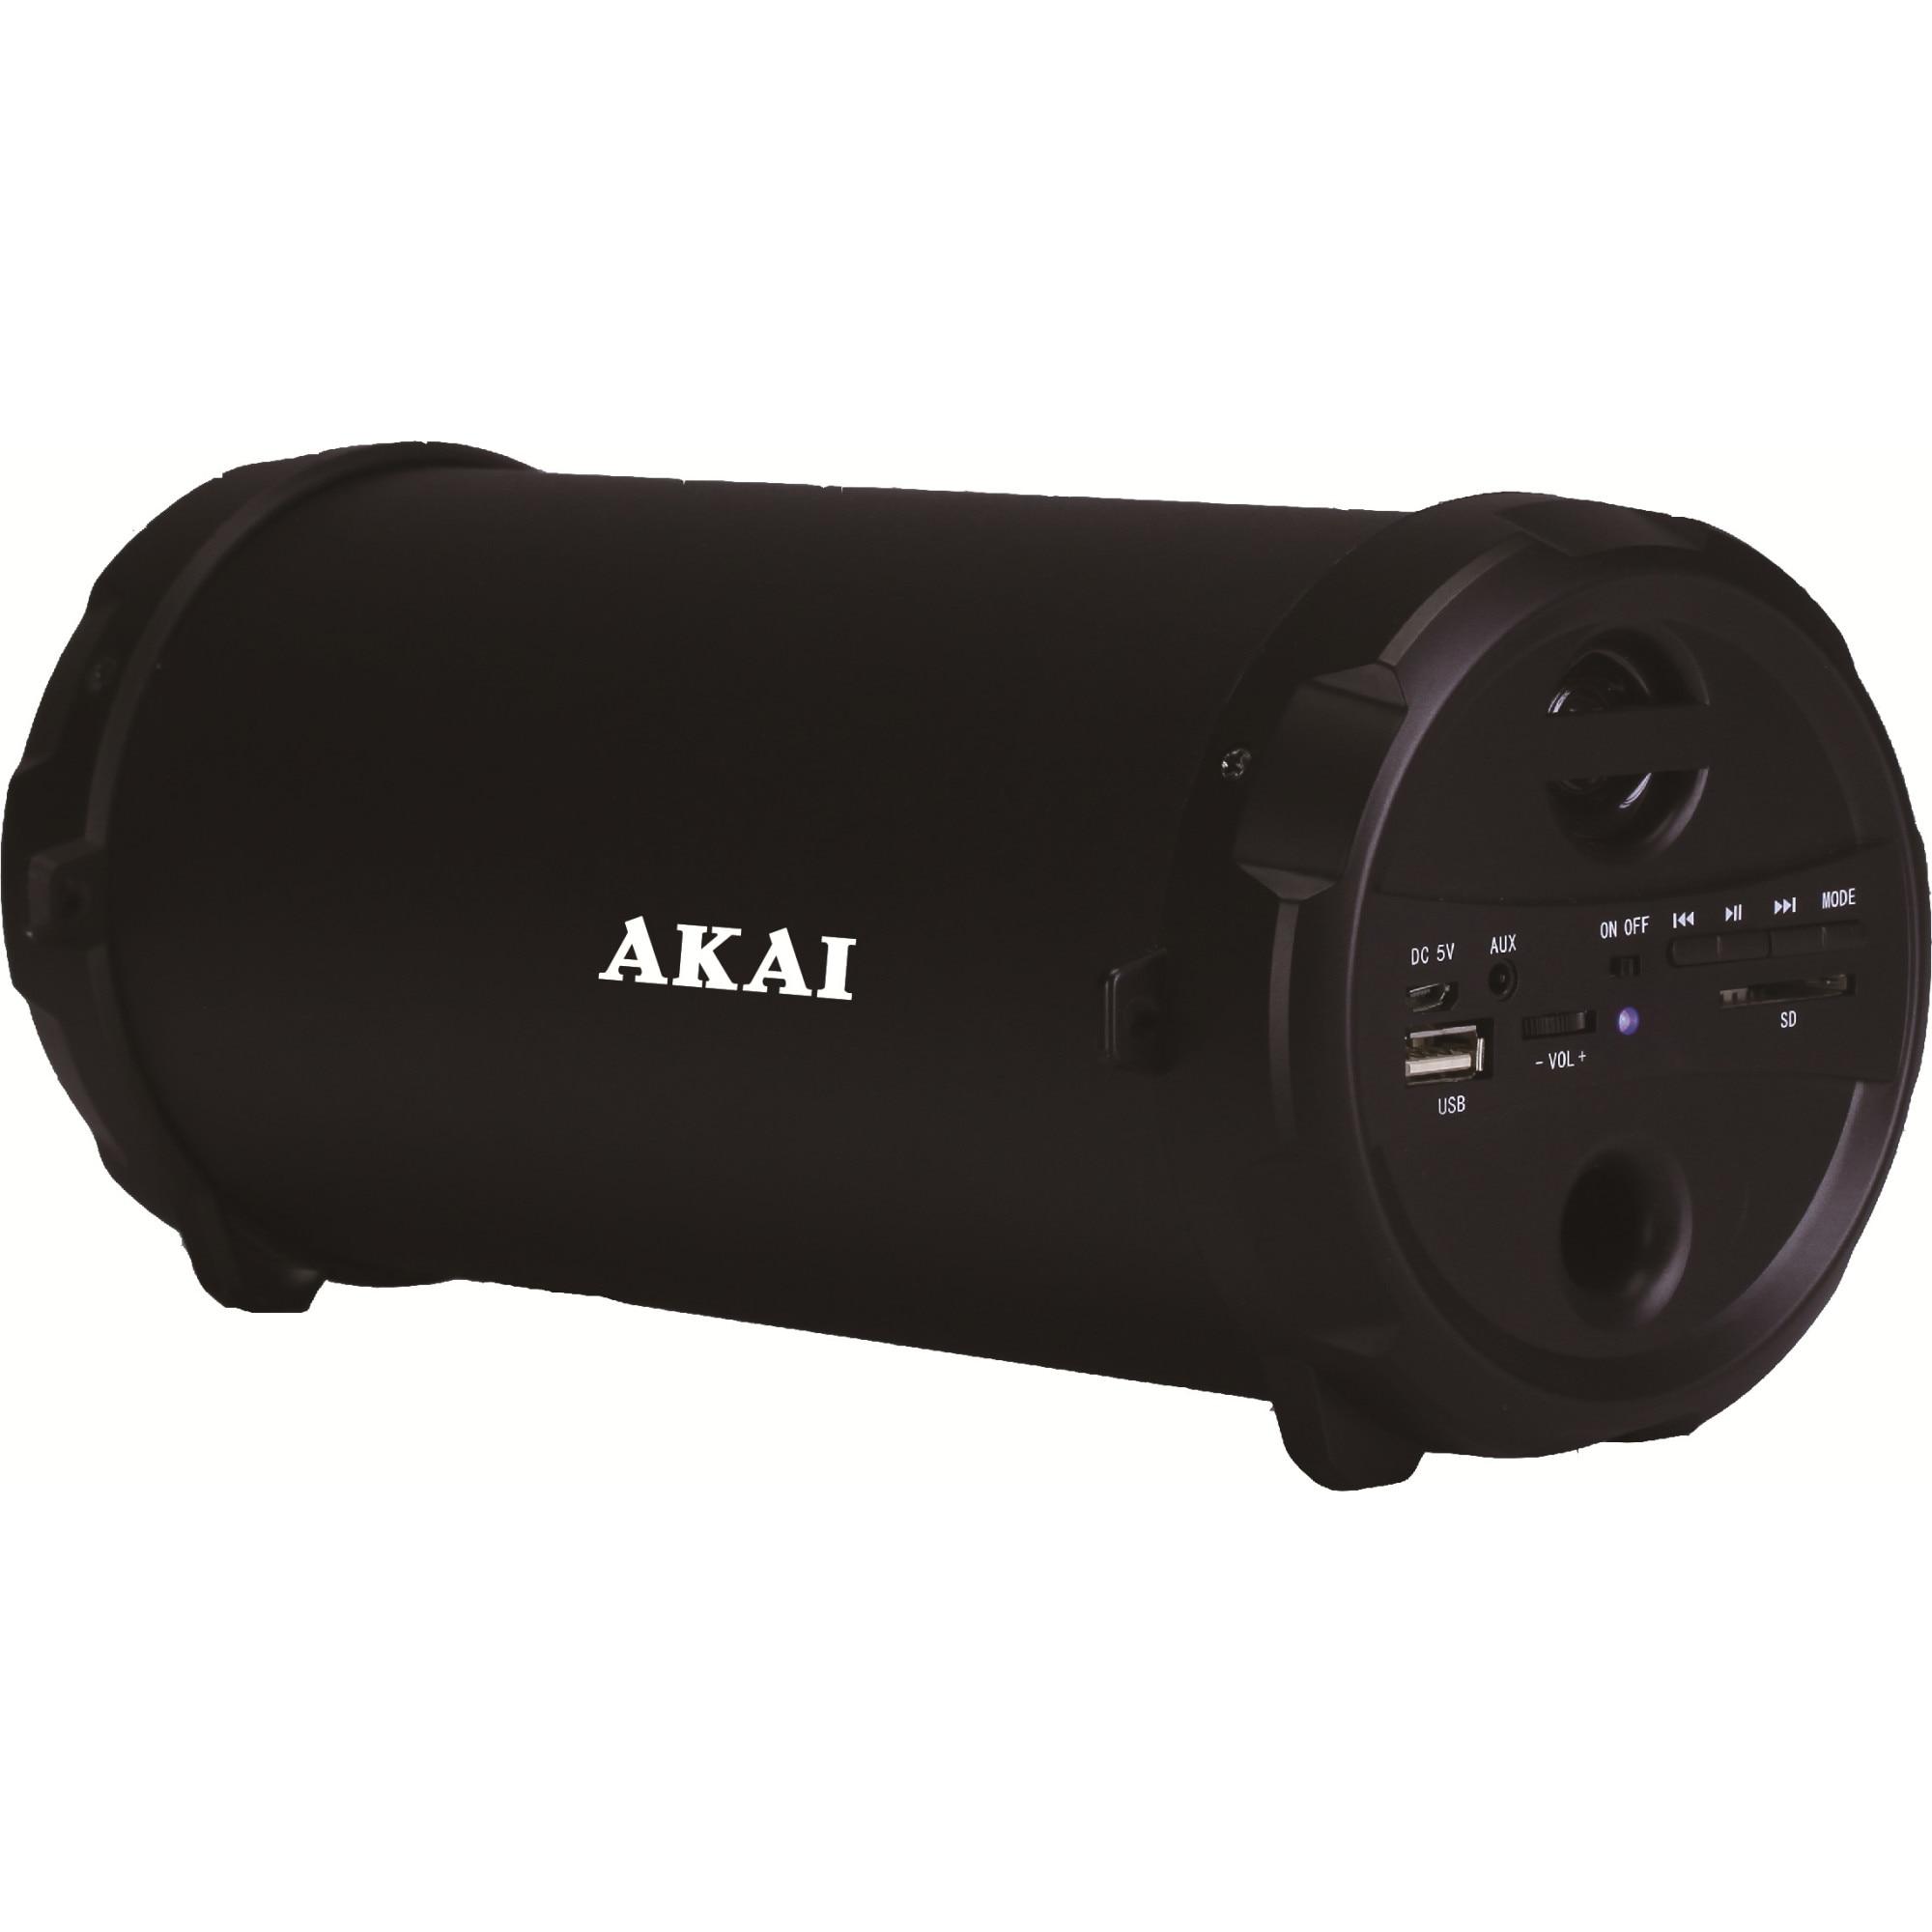 Fotografie Boxa portabila Akai ABTS-12C, radio FM, karaoke, negru